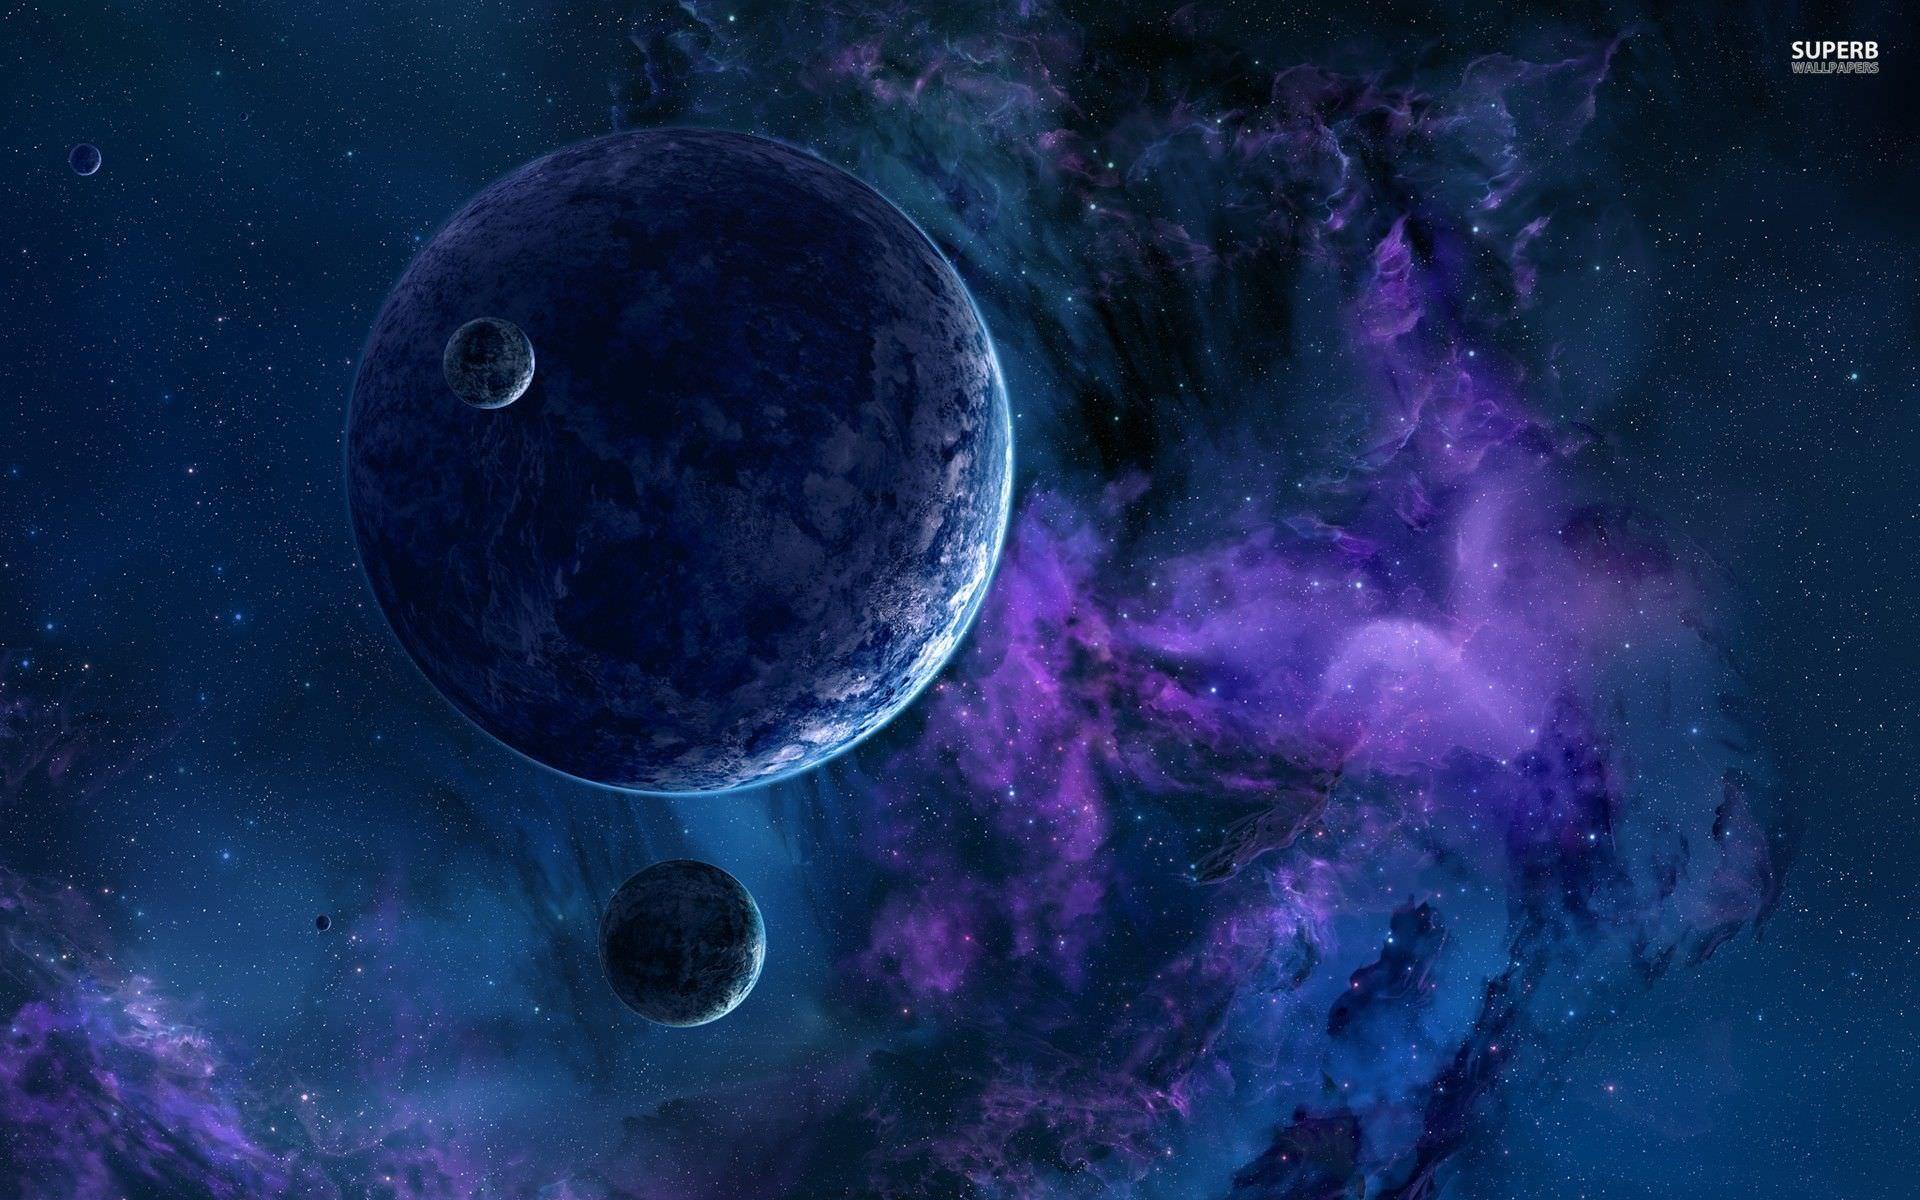 Wonderful Galaxy Background